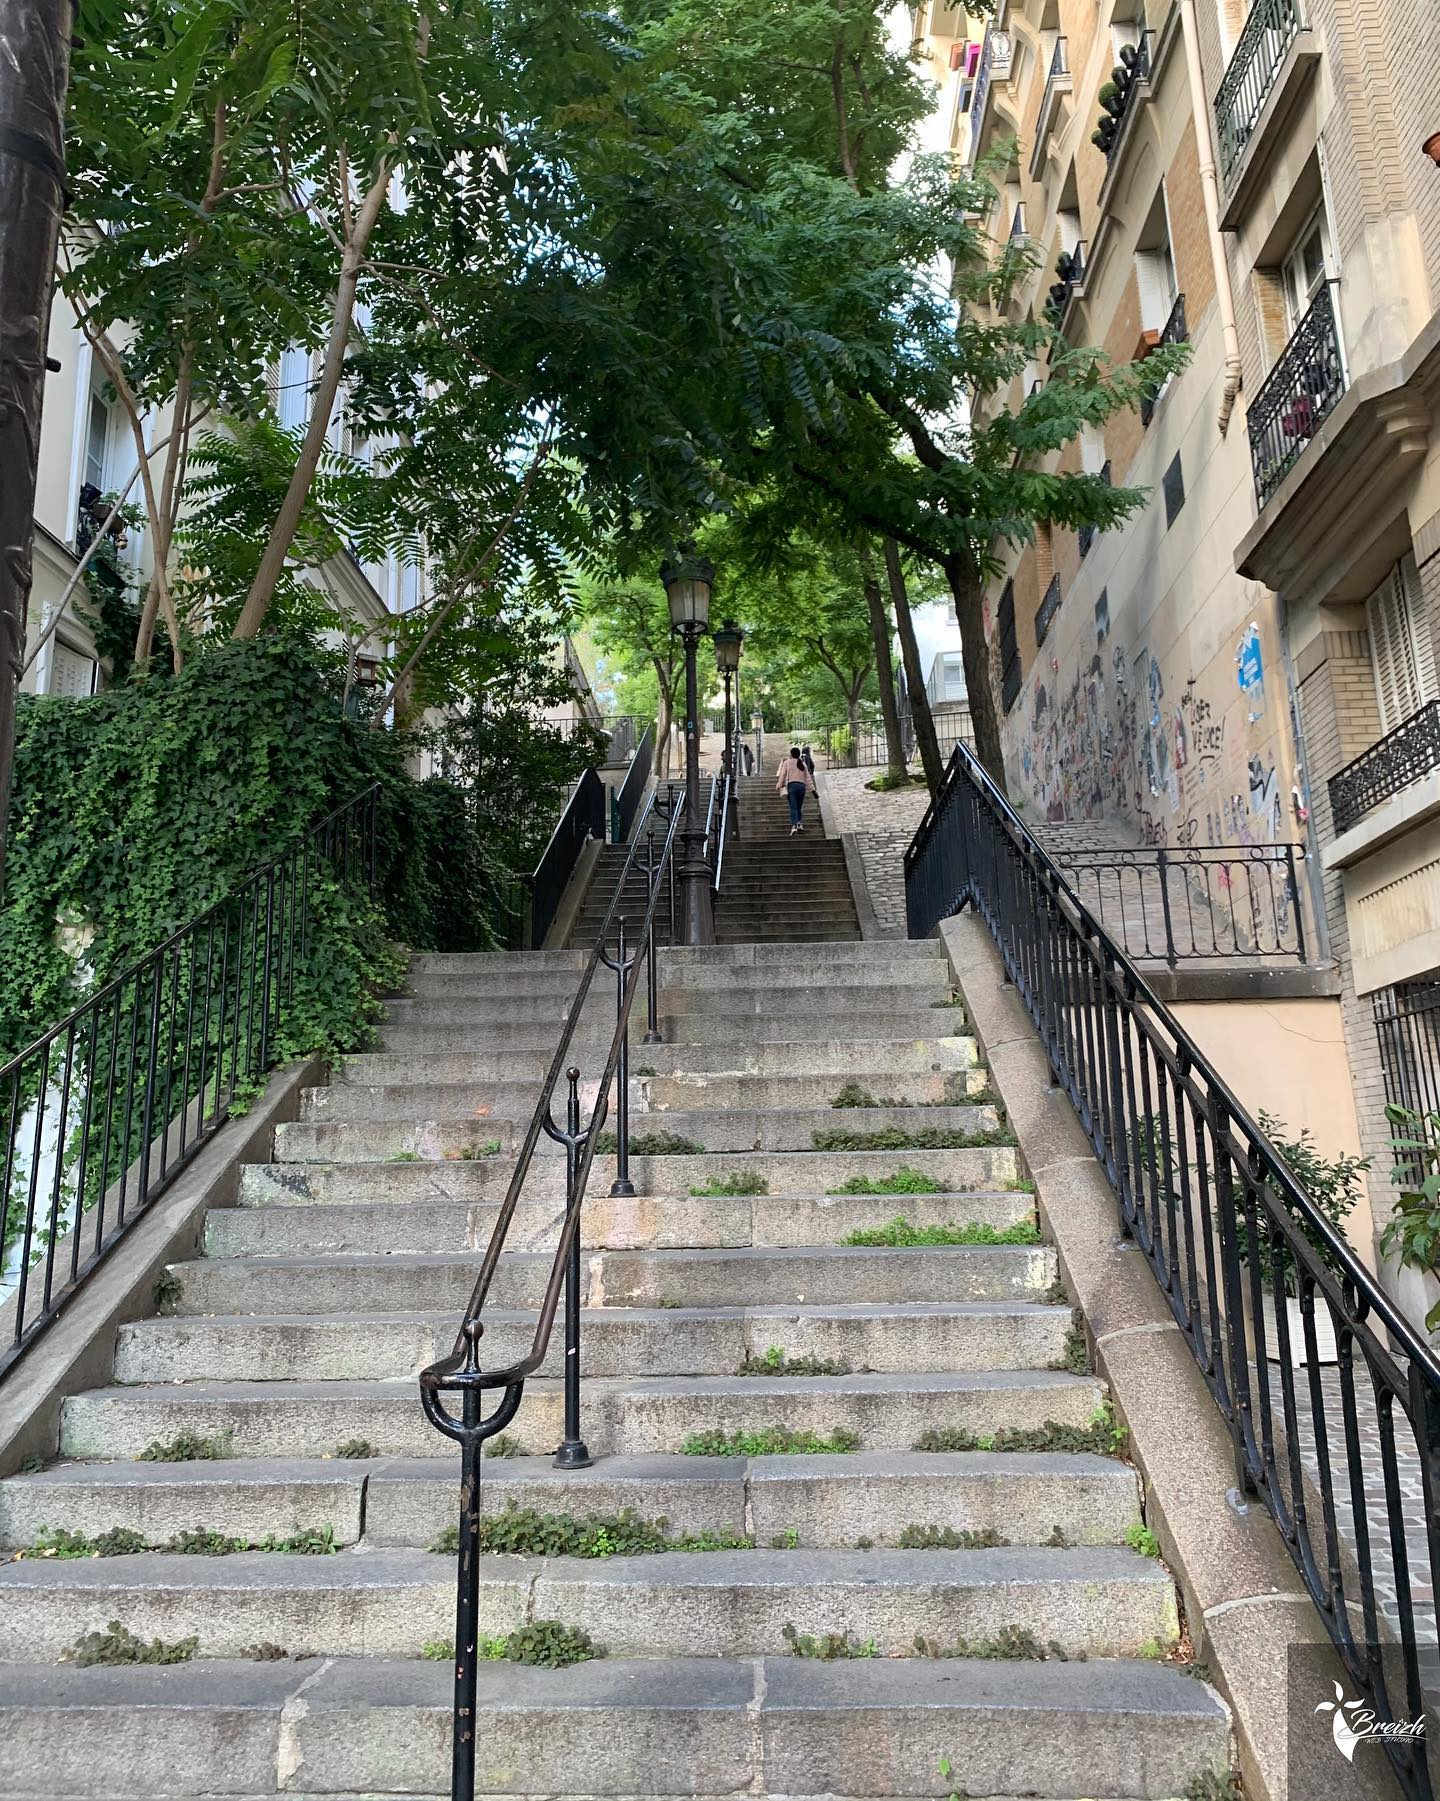 Escalier Montmartre by La Photo de Jaz